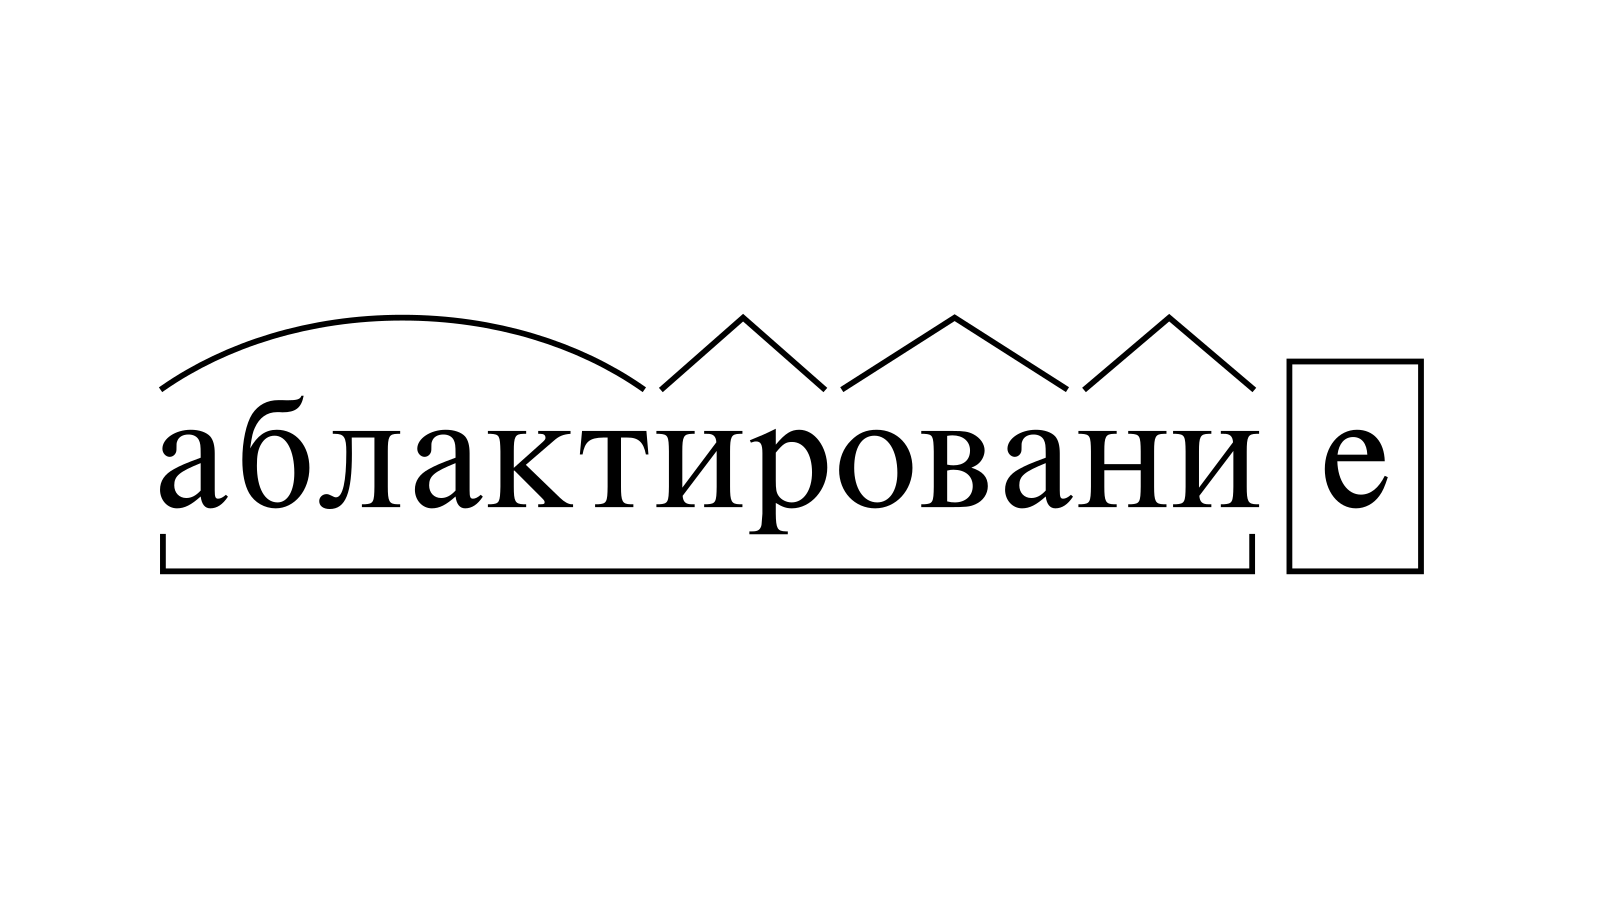 Разбор слова «аблактирование» по составу